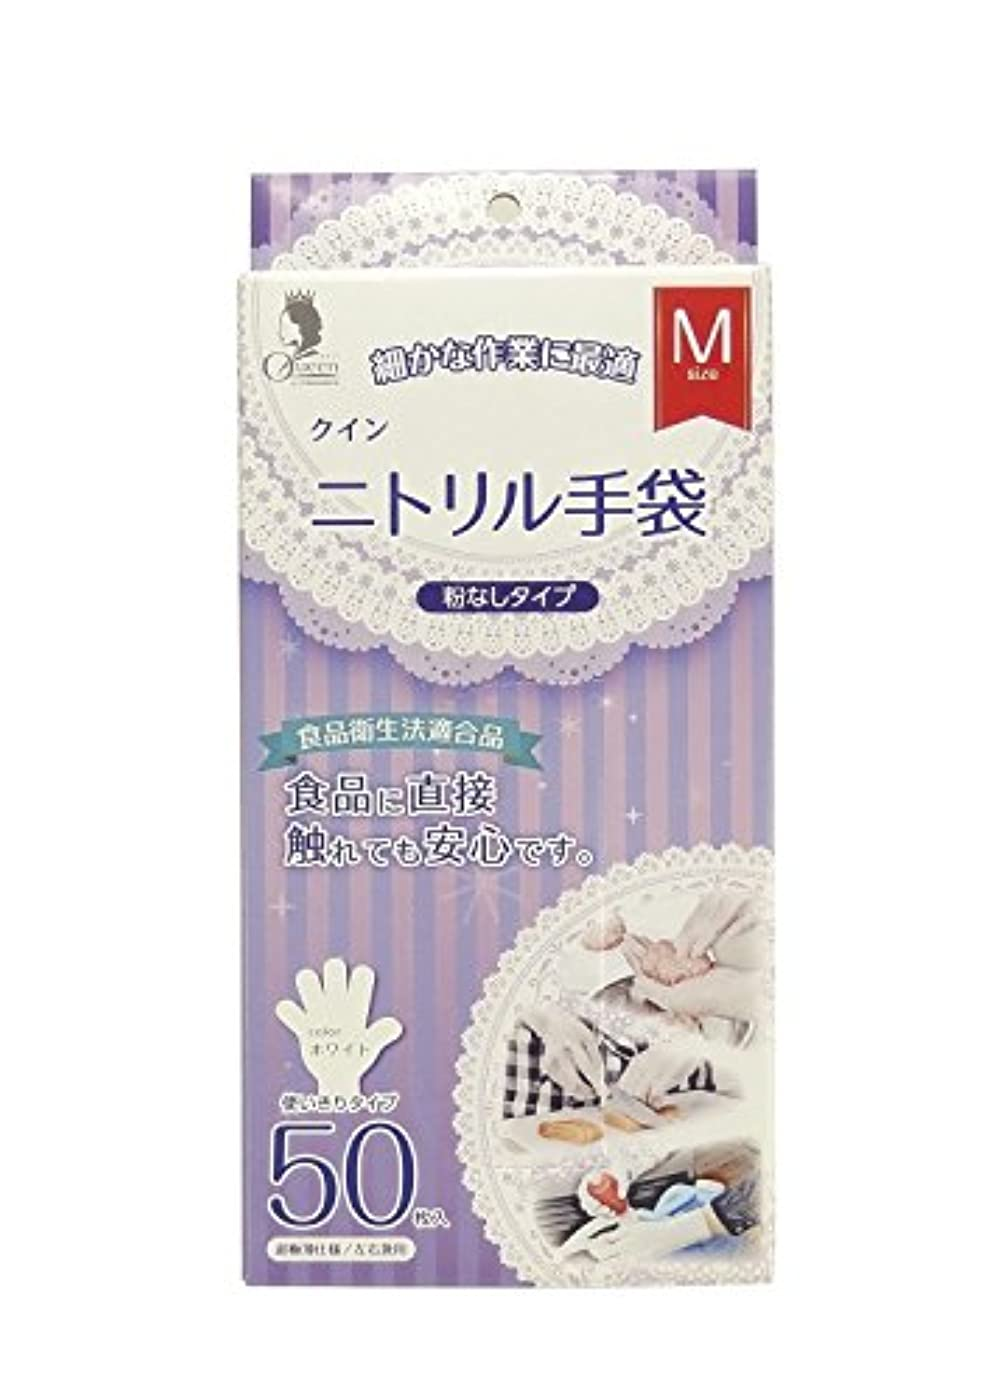 トマト欠員振り子宇都宮製作 クイン ニトリル手袋(パウダーフリー) M 50枚